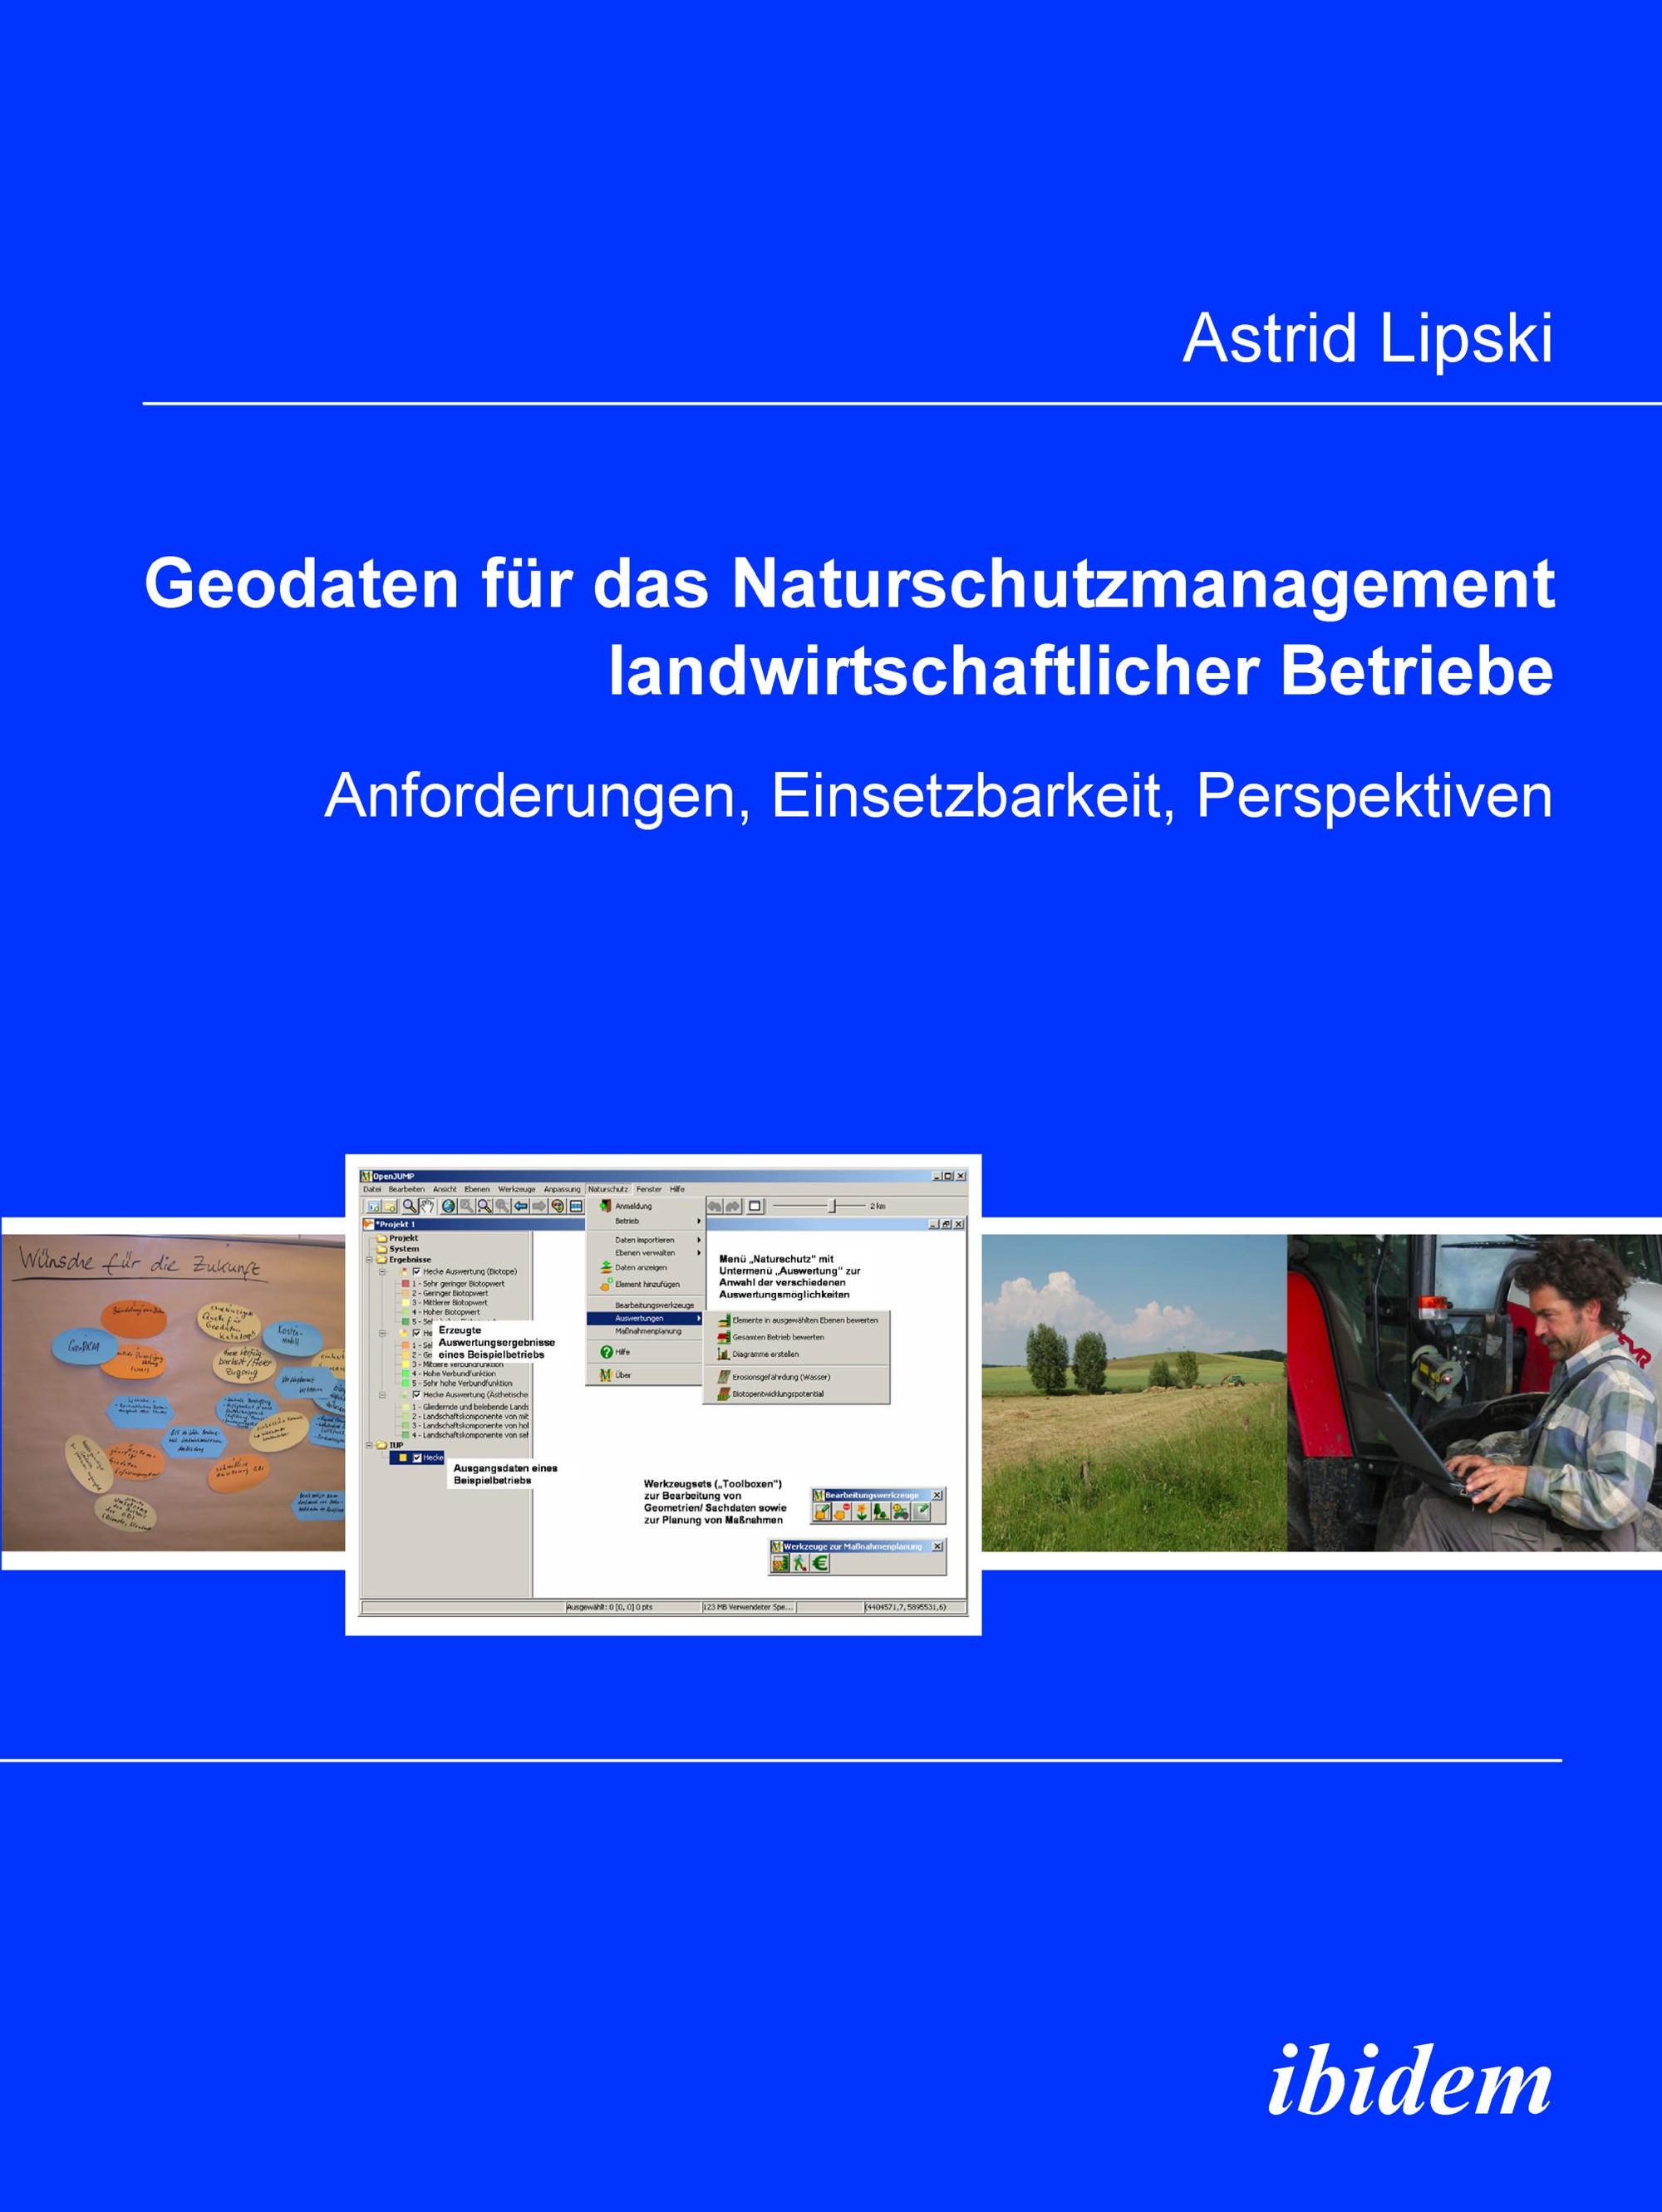 Geodaten für das Naturschutzmanagement landwirtschaftlicher Betriebe